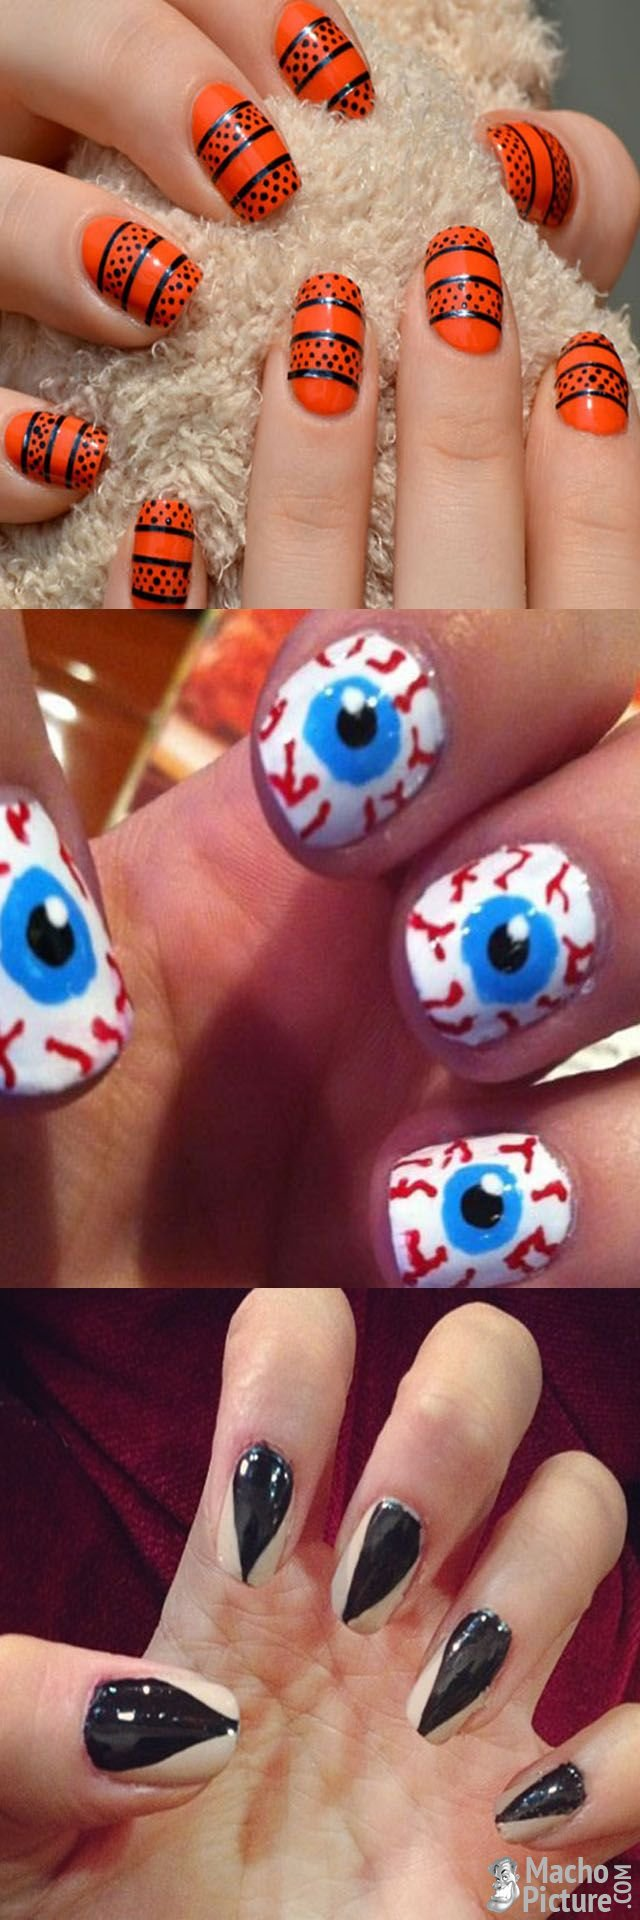 halloween false nails | Halloween nails, Nails, False nails